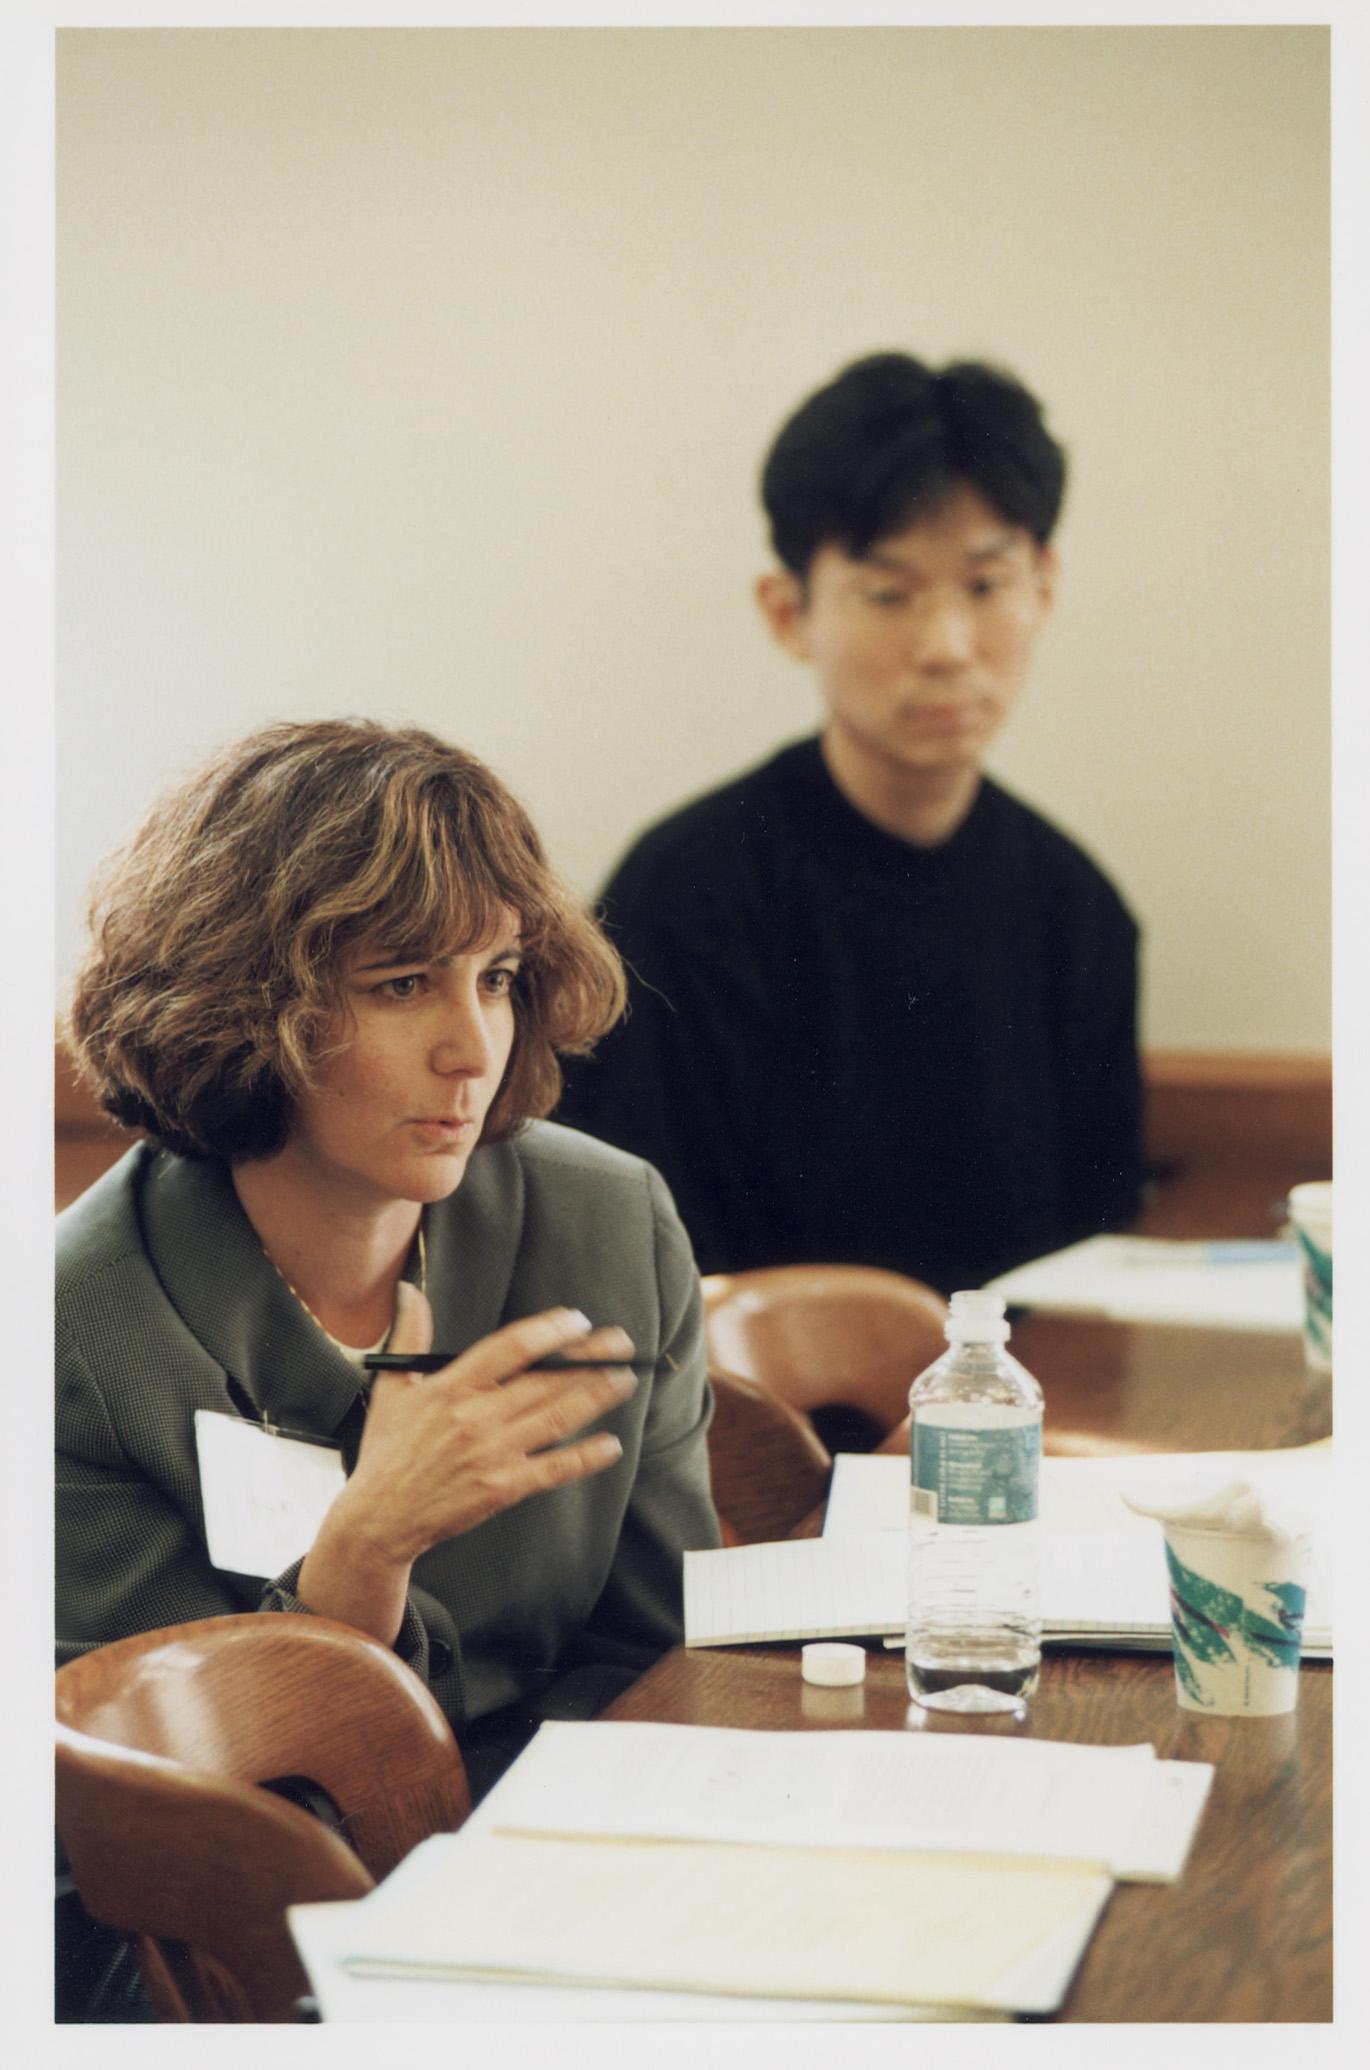 NYU Stern Prof. April Klein